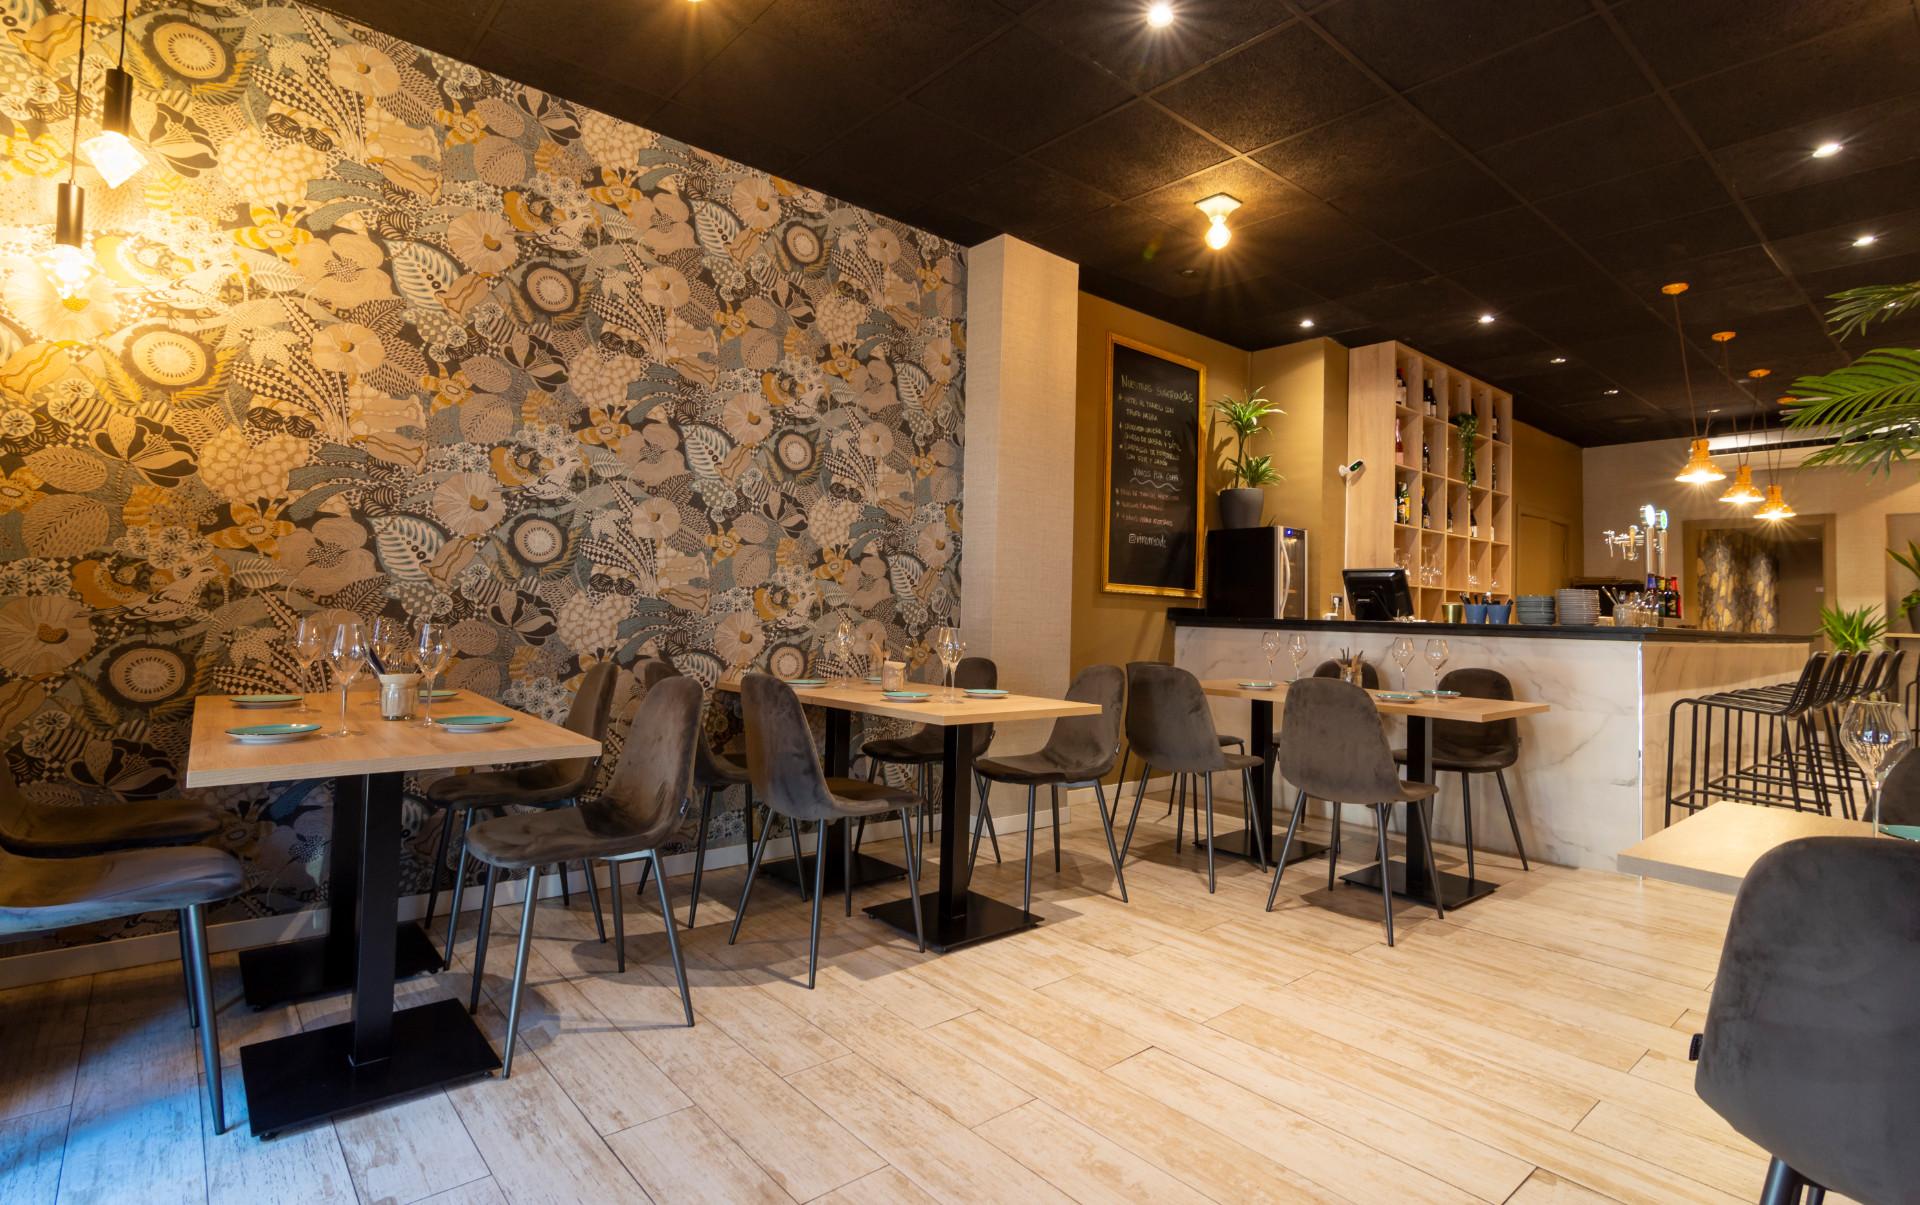 proyectos-interiorismo-interioristas-locales-comerciales-gastronomia-vinotecas-enotecas-restaurantes-bares-vinomio-gastrowine-valencia-2